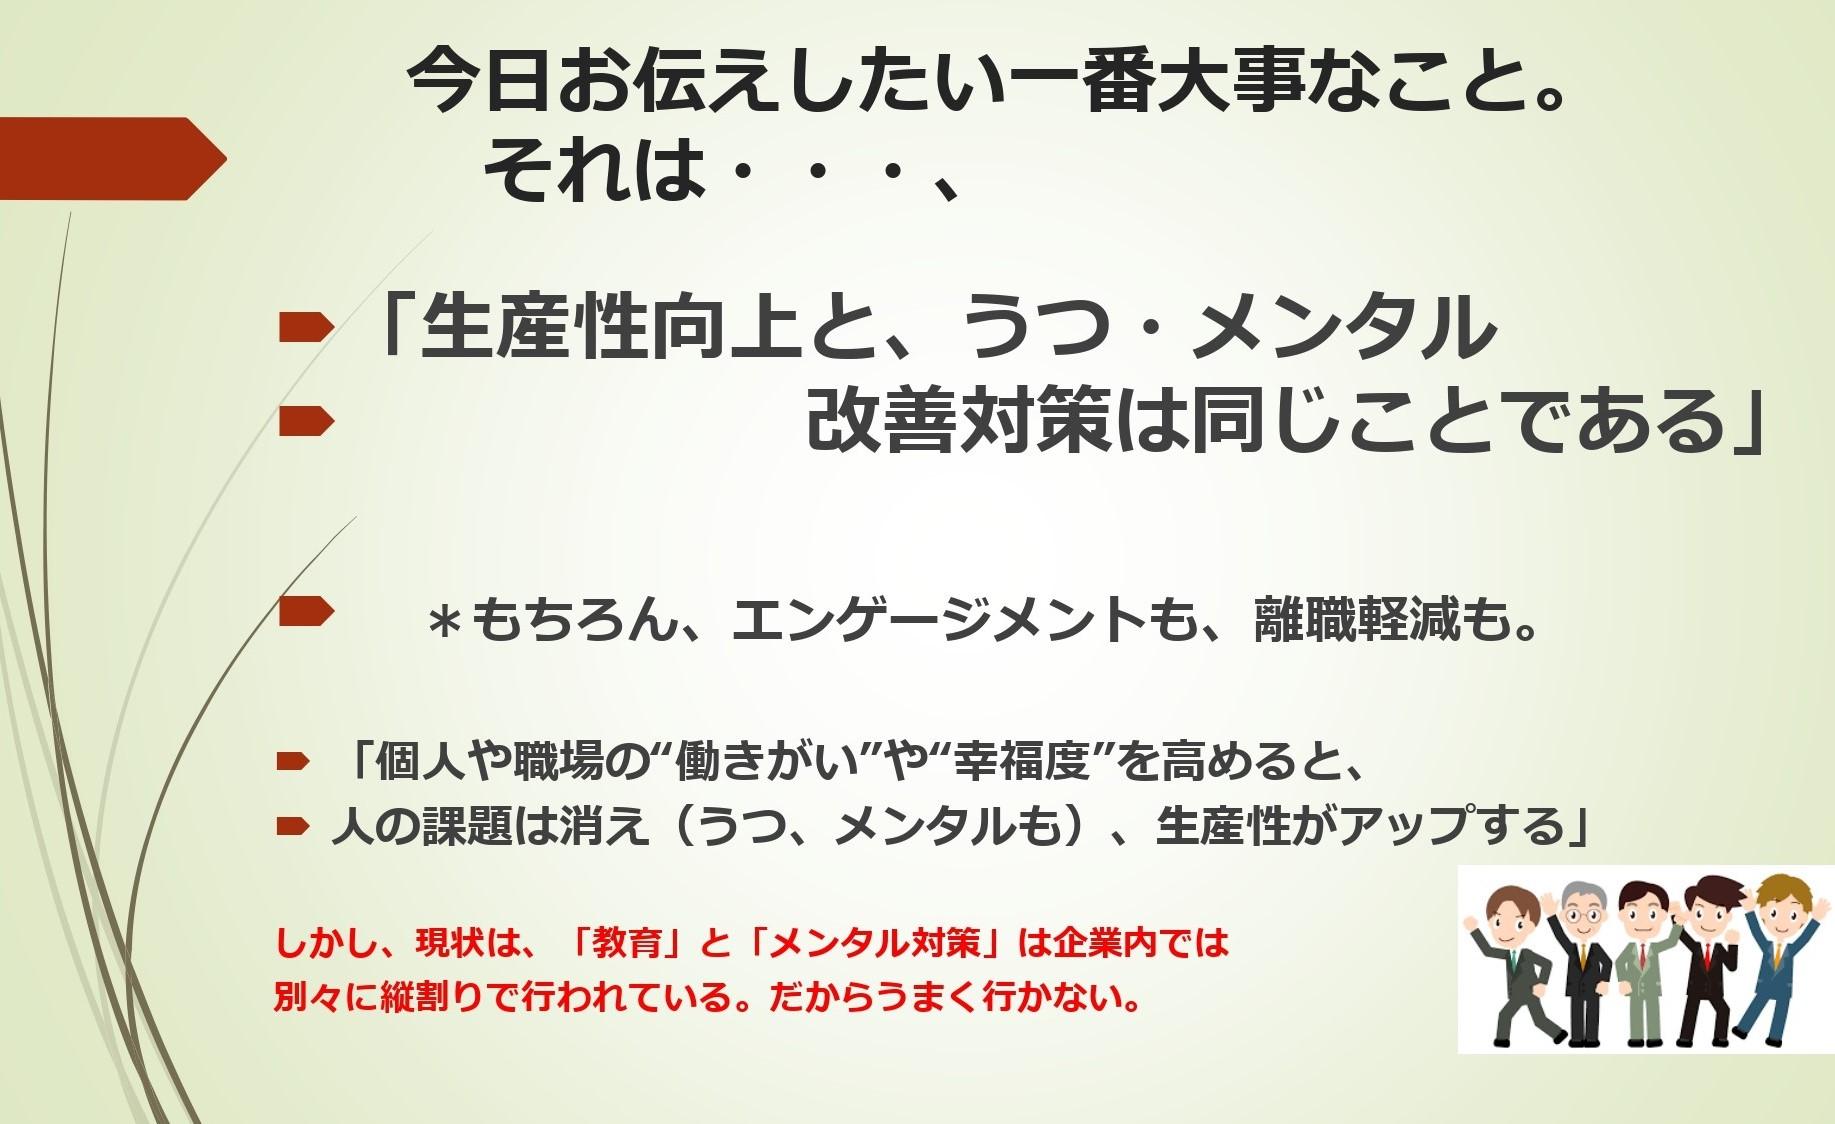 200327 セミナープロジェクター用_pages-to-jpg-0003blog用 - 従業員がイキイキ働くためには?「SDGs✖メンタル分析セミナー」オンライン開催レポート